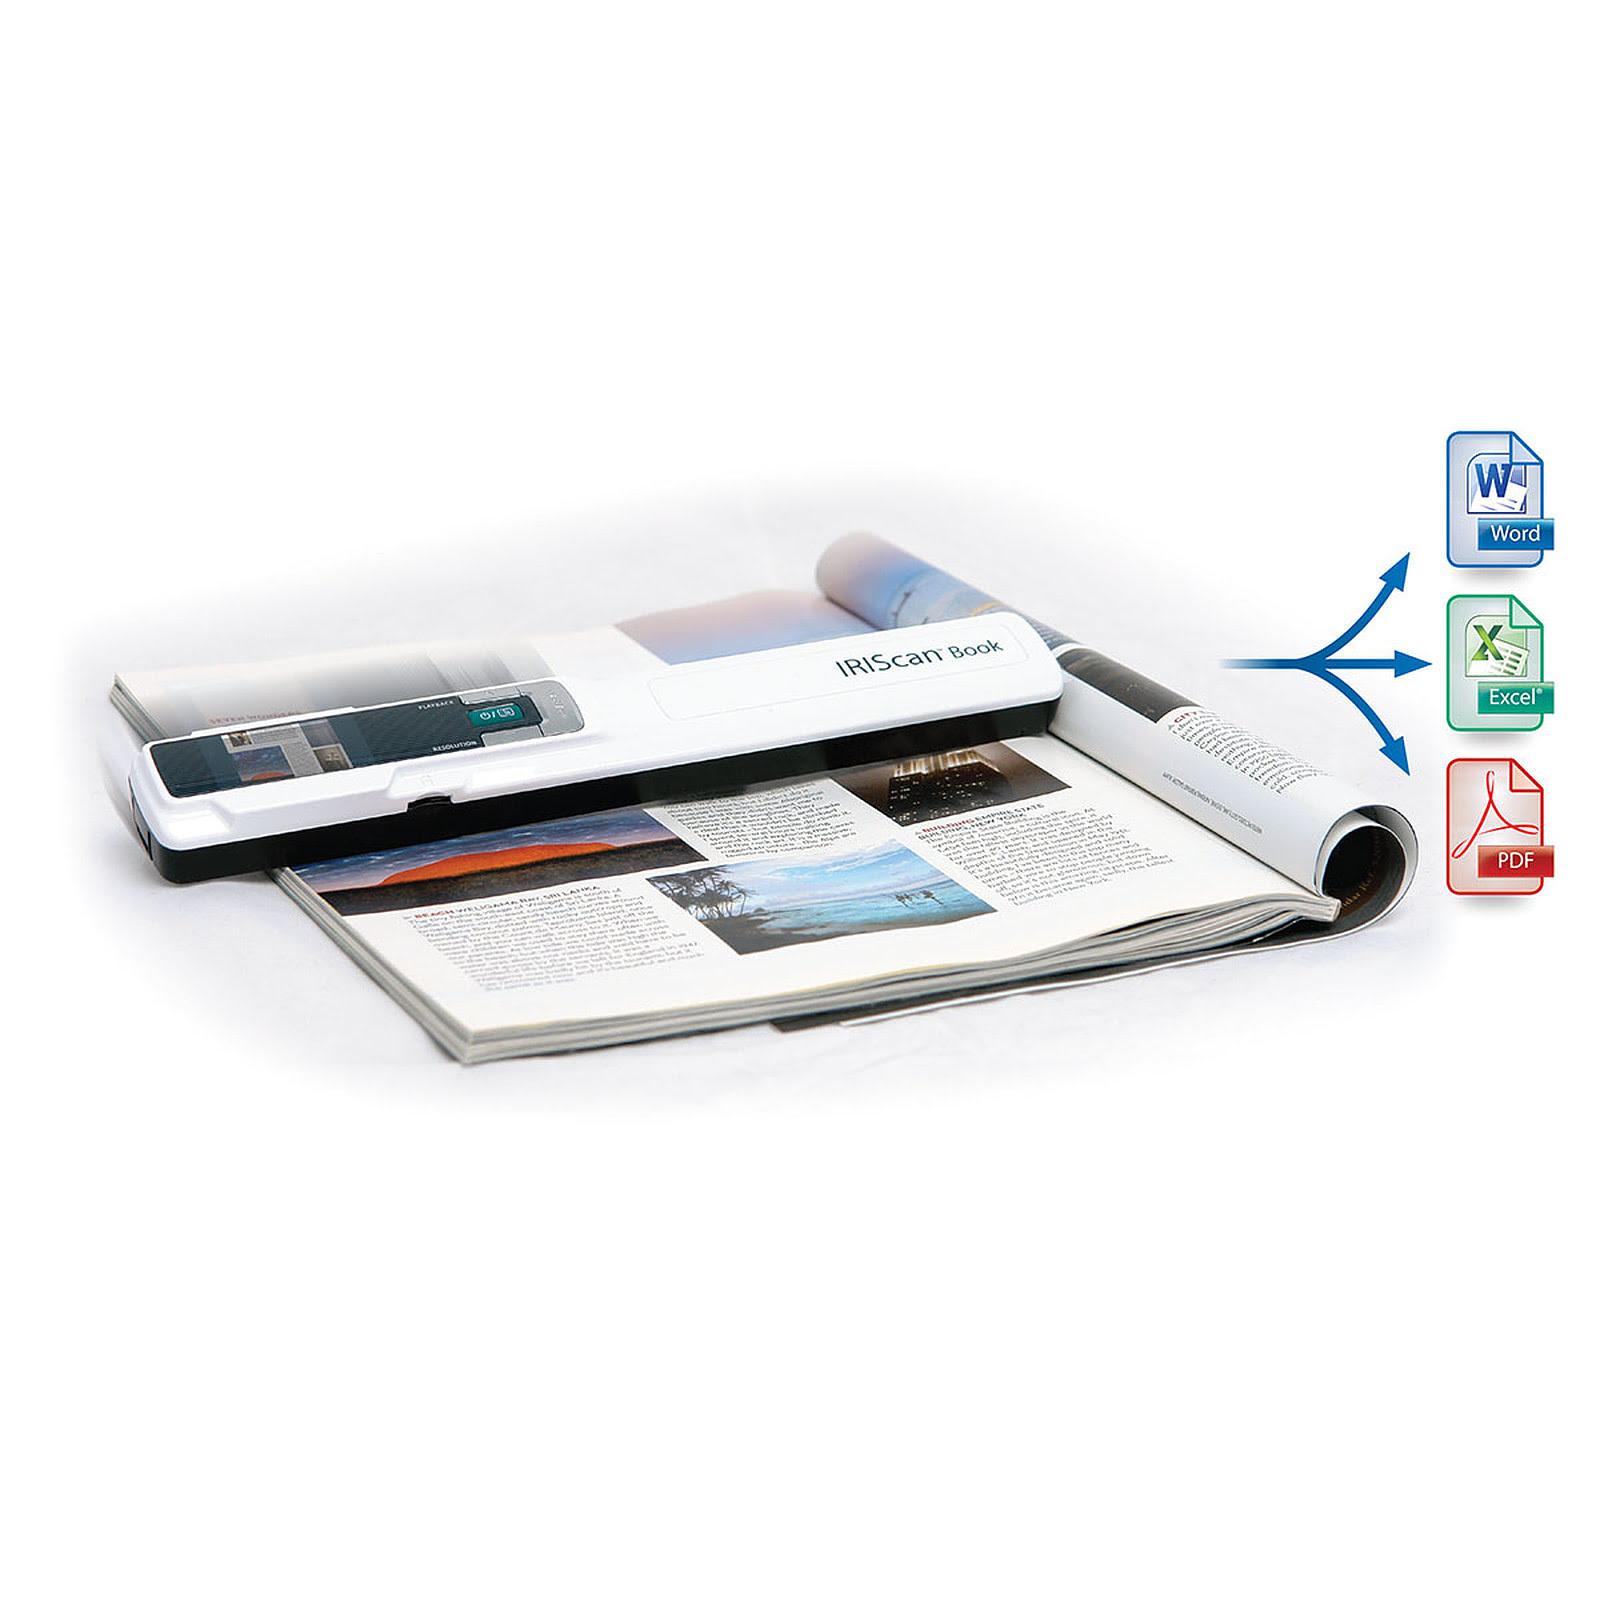 Scanner Iris IRIScan Book 3 (457888) - Achat / Vente Scanner sur Picata.fr - 2